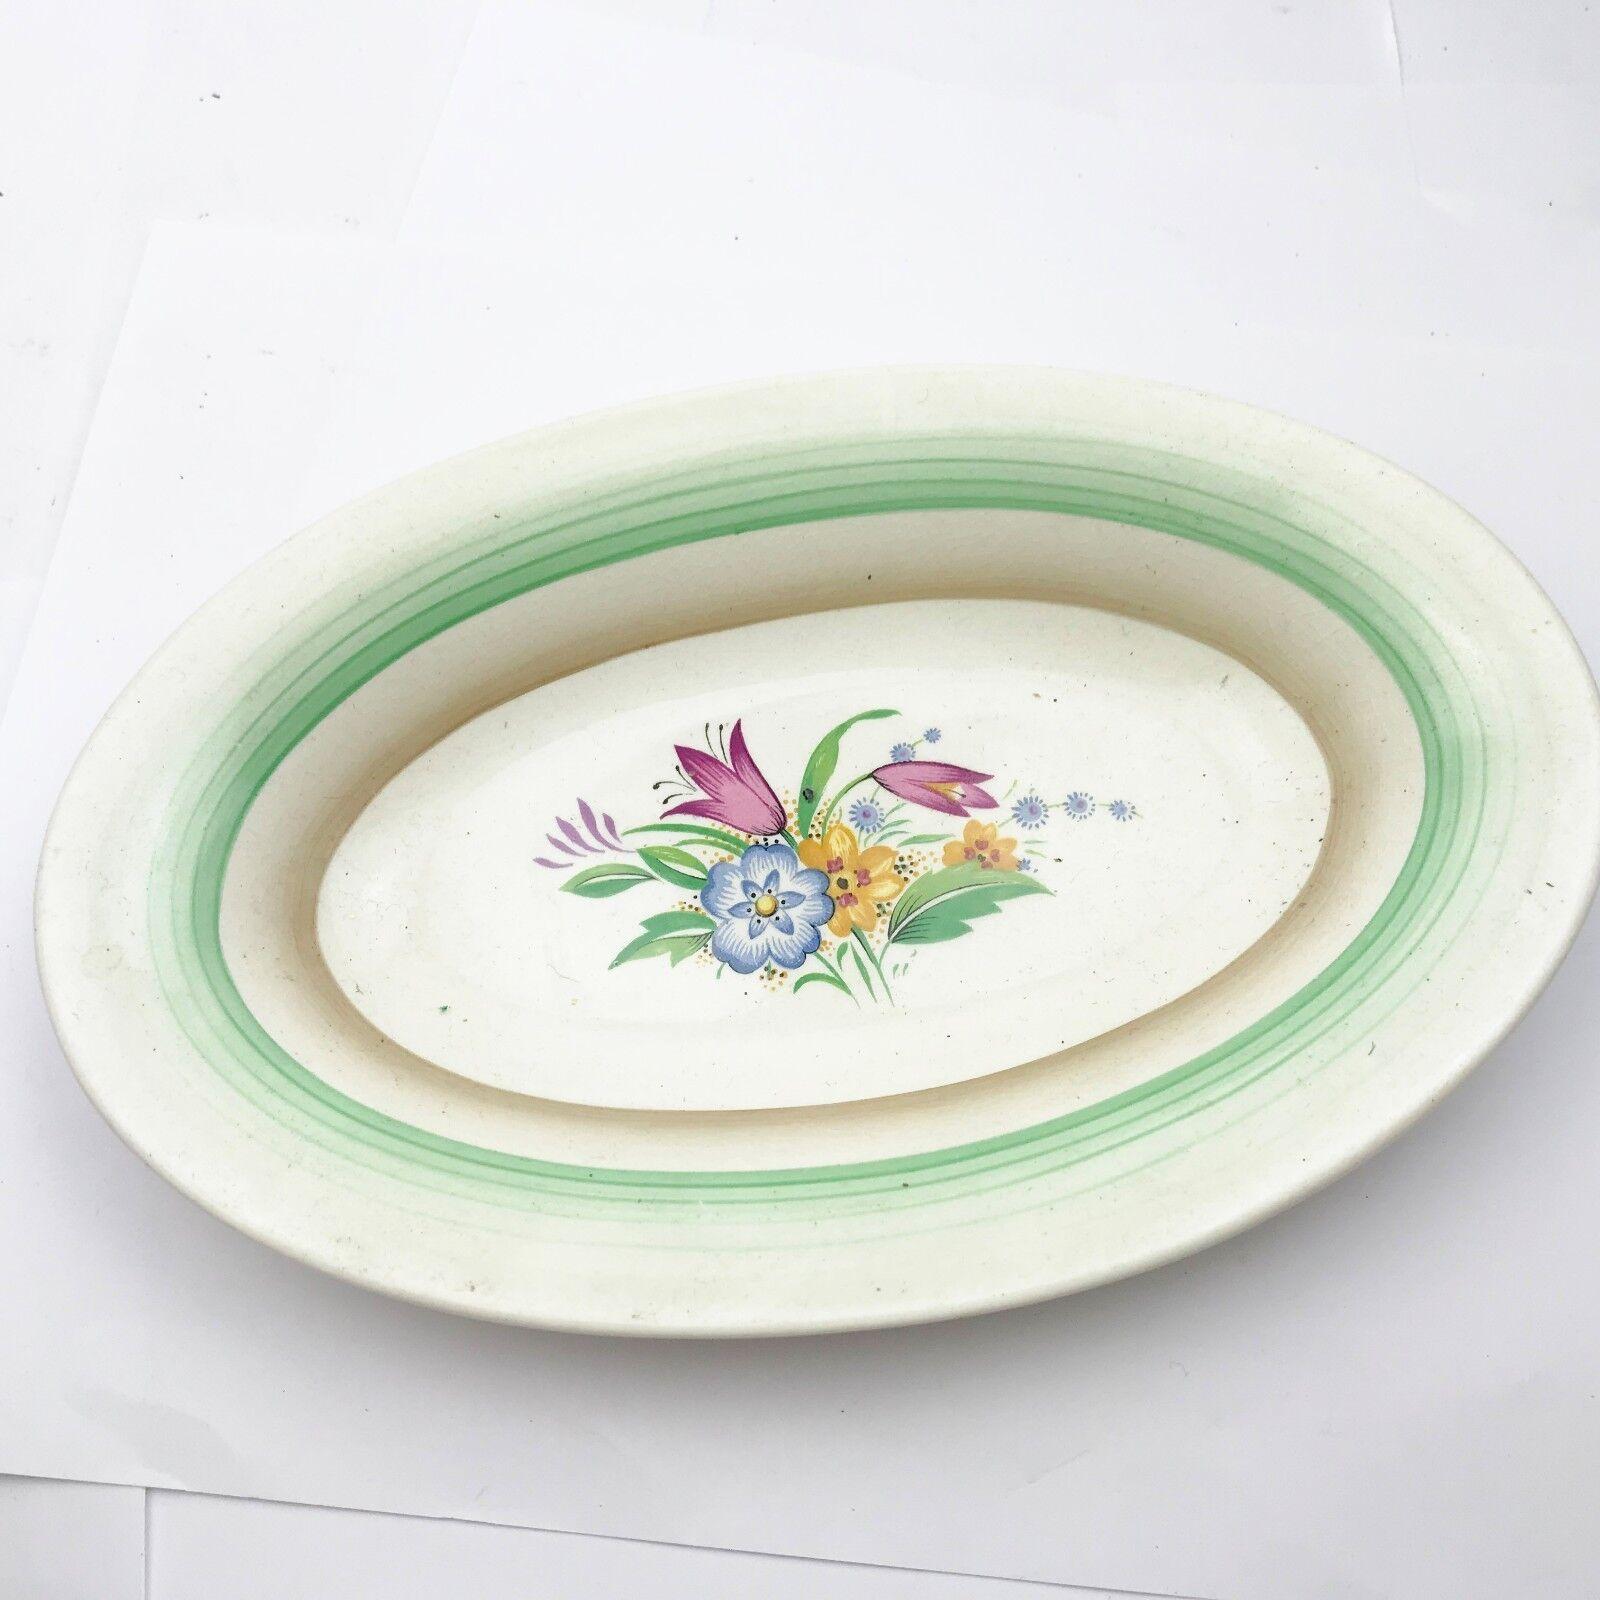 VINTAGE MIDWINTER PORCELON POTTERY ART DECO SERVING DISH VEG TABLEWARE